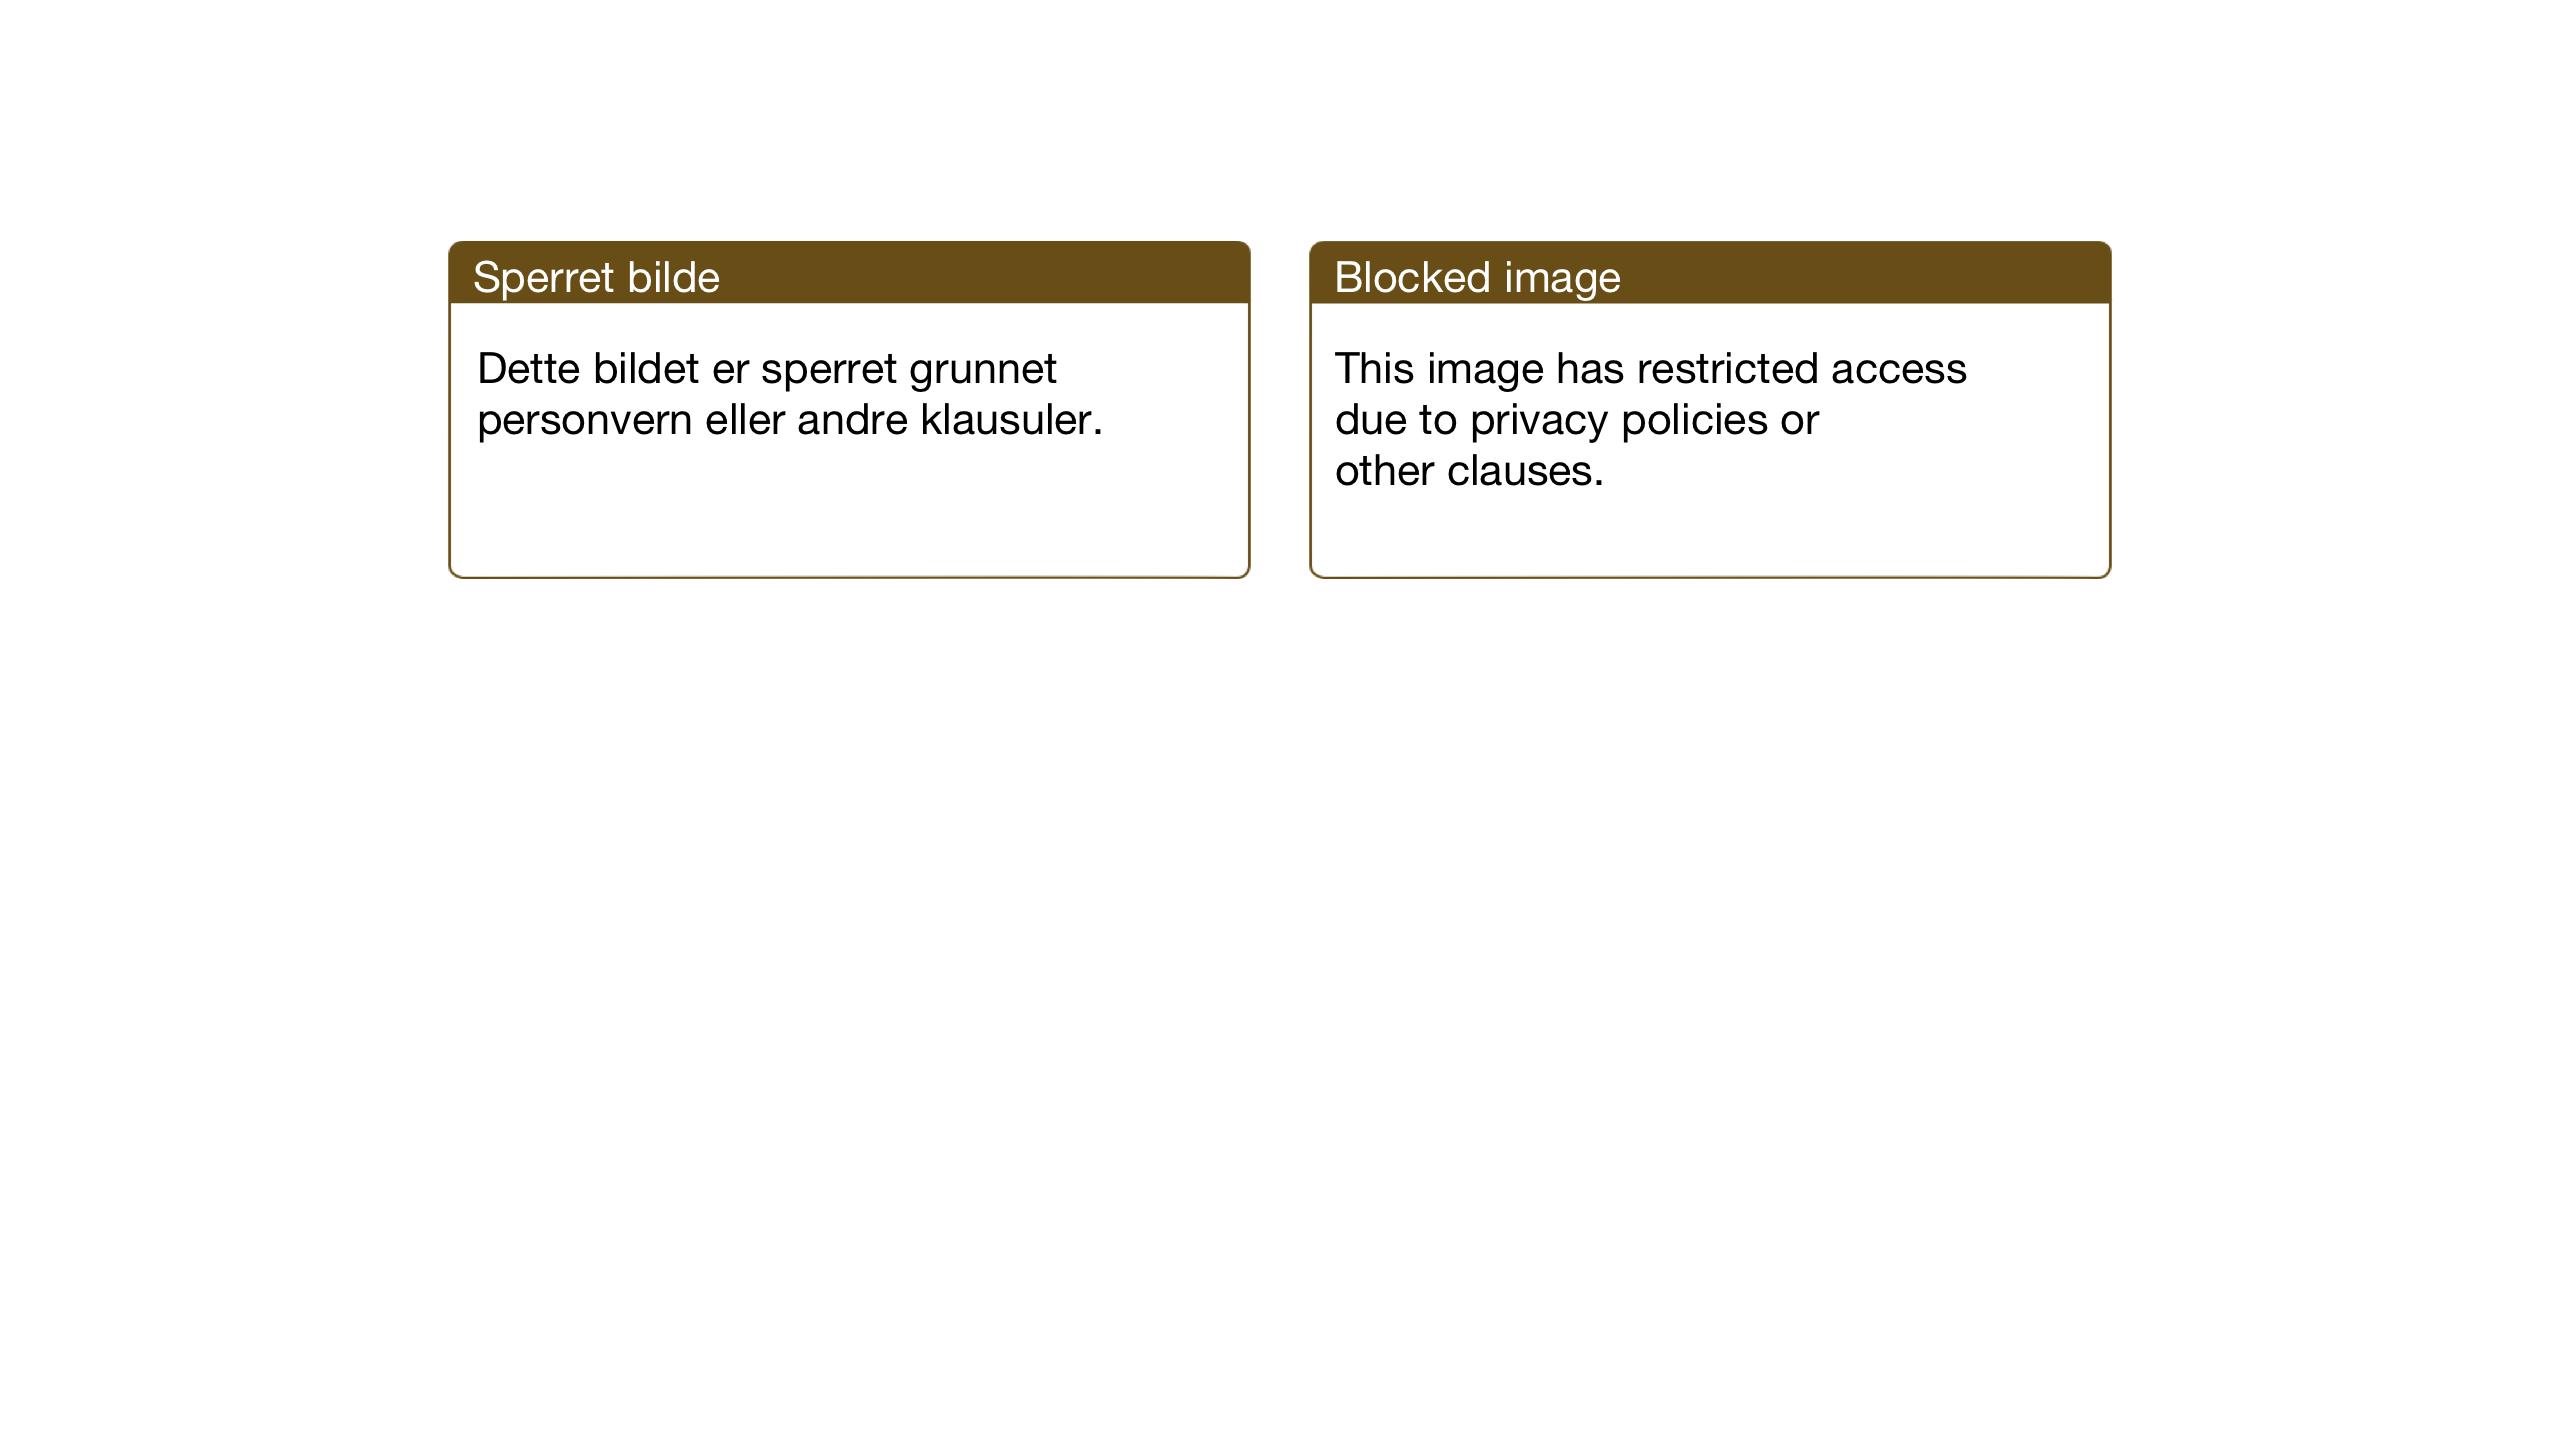 SAT, Ministerialprotokoller, klokkerbøker og fødselsregistre - Sør-Trøndelag, 662/L0758: Klokkerbok nr. 662C03, 1918-1948, s. 52